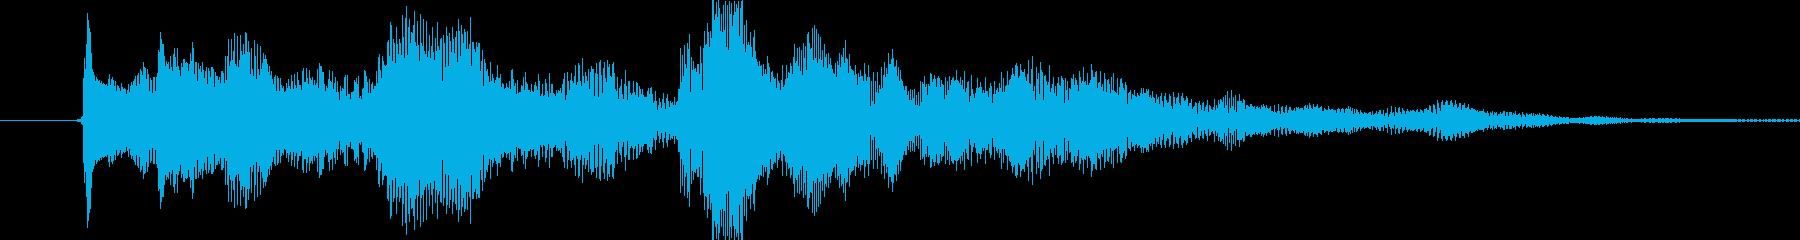 セーブ時をイメージした、ちょっと癒し的…の再生済みの波形